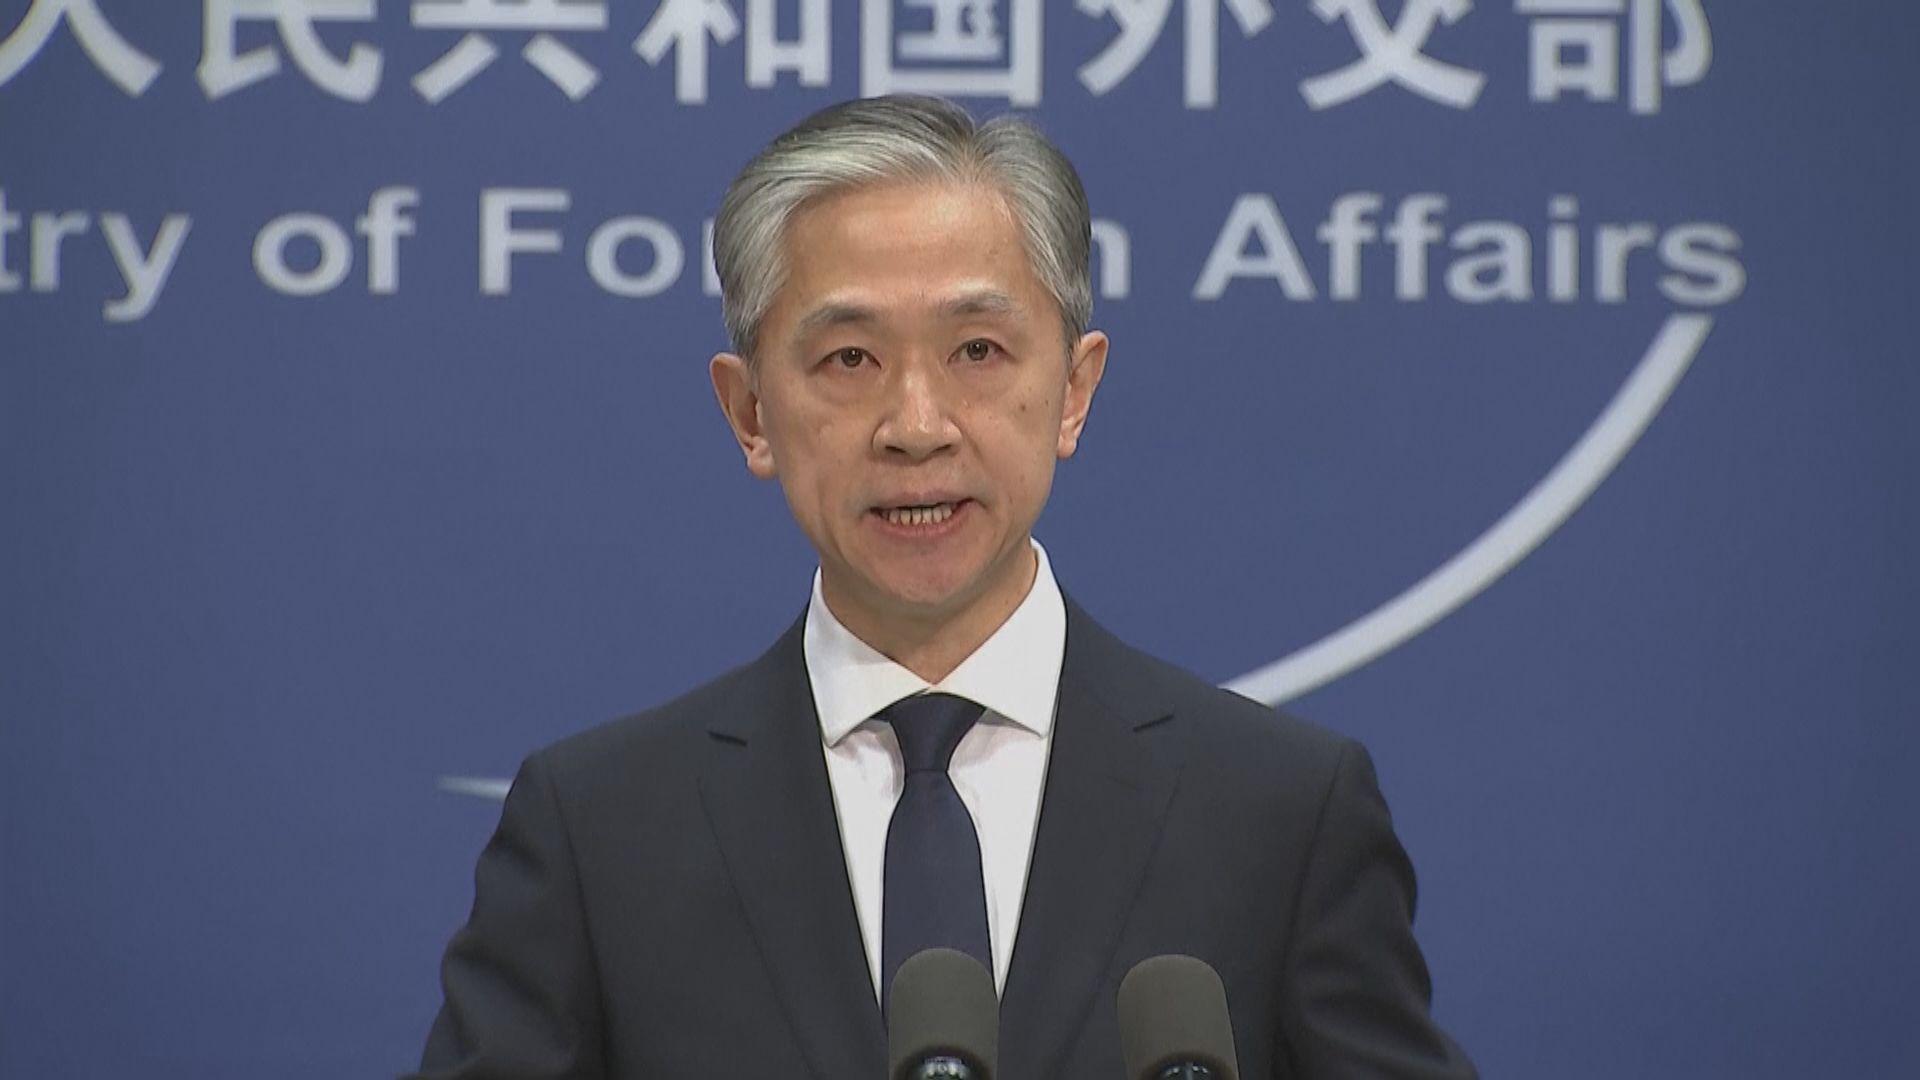 蓬佩奧指台灣非中國一部分 外交部批其編造謊言